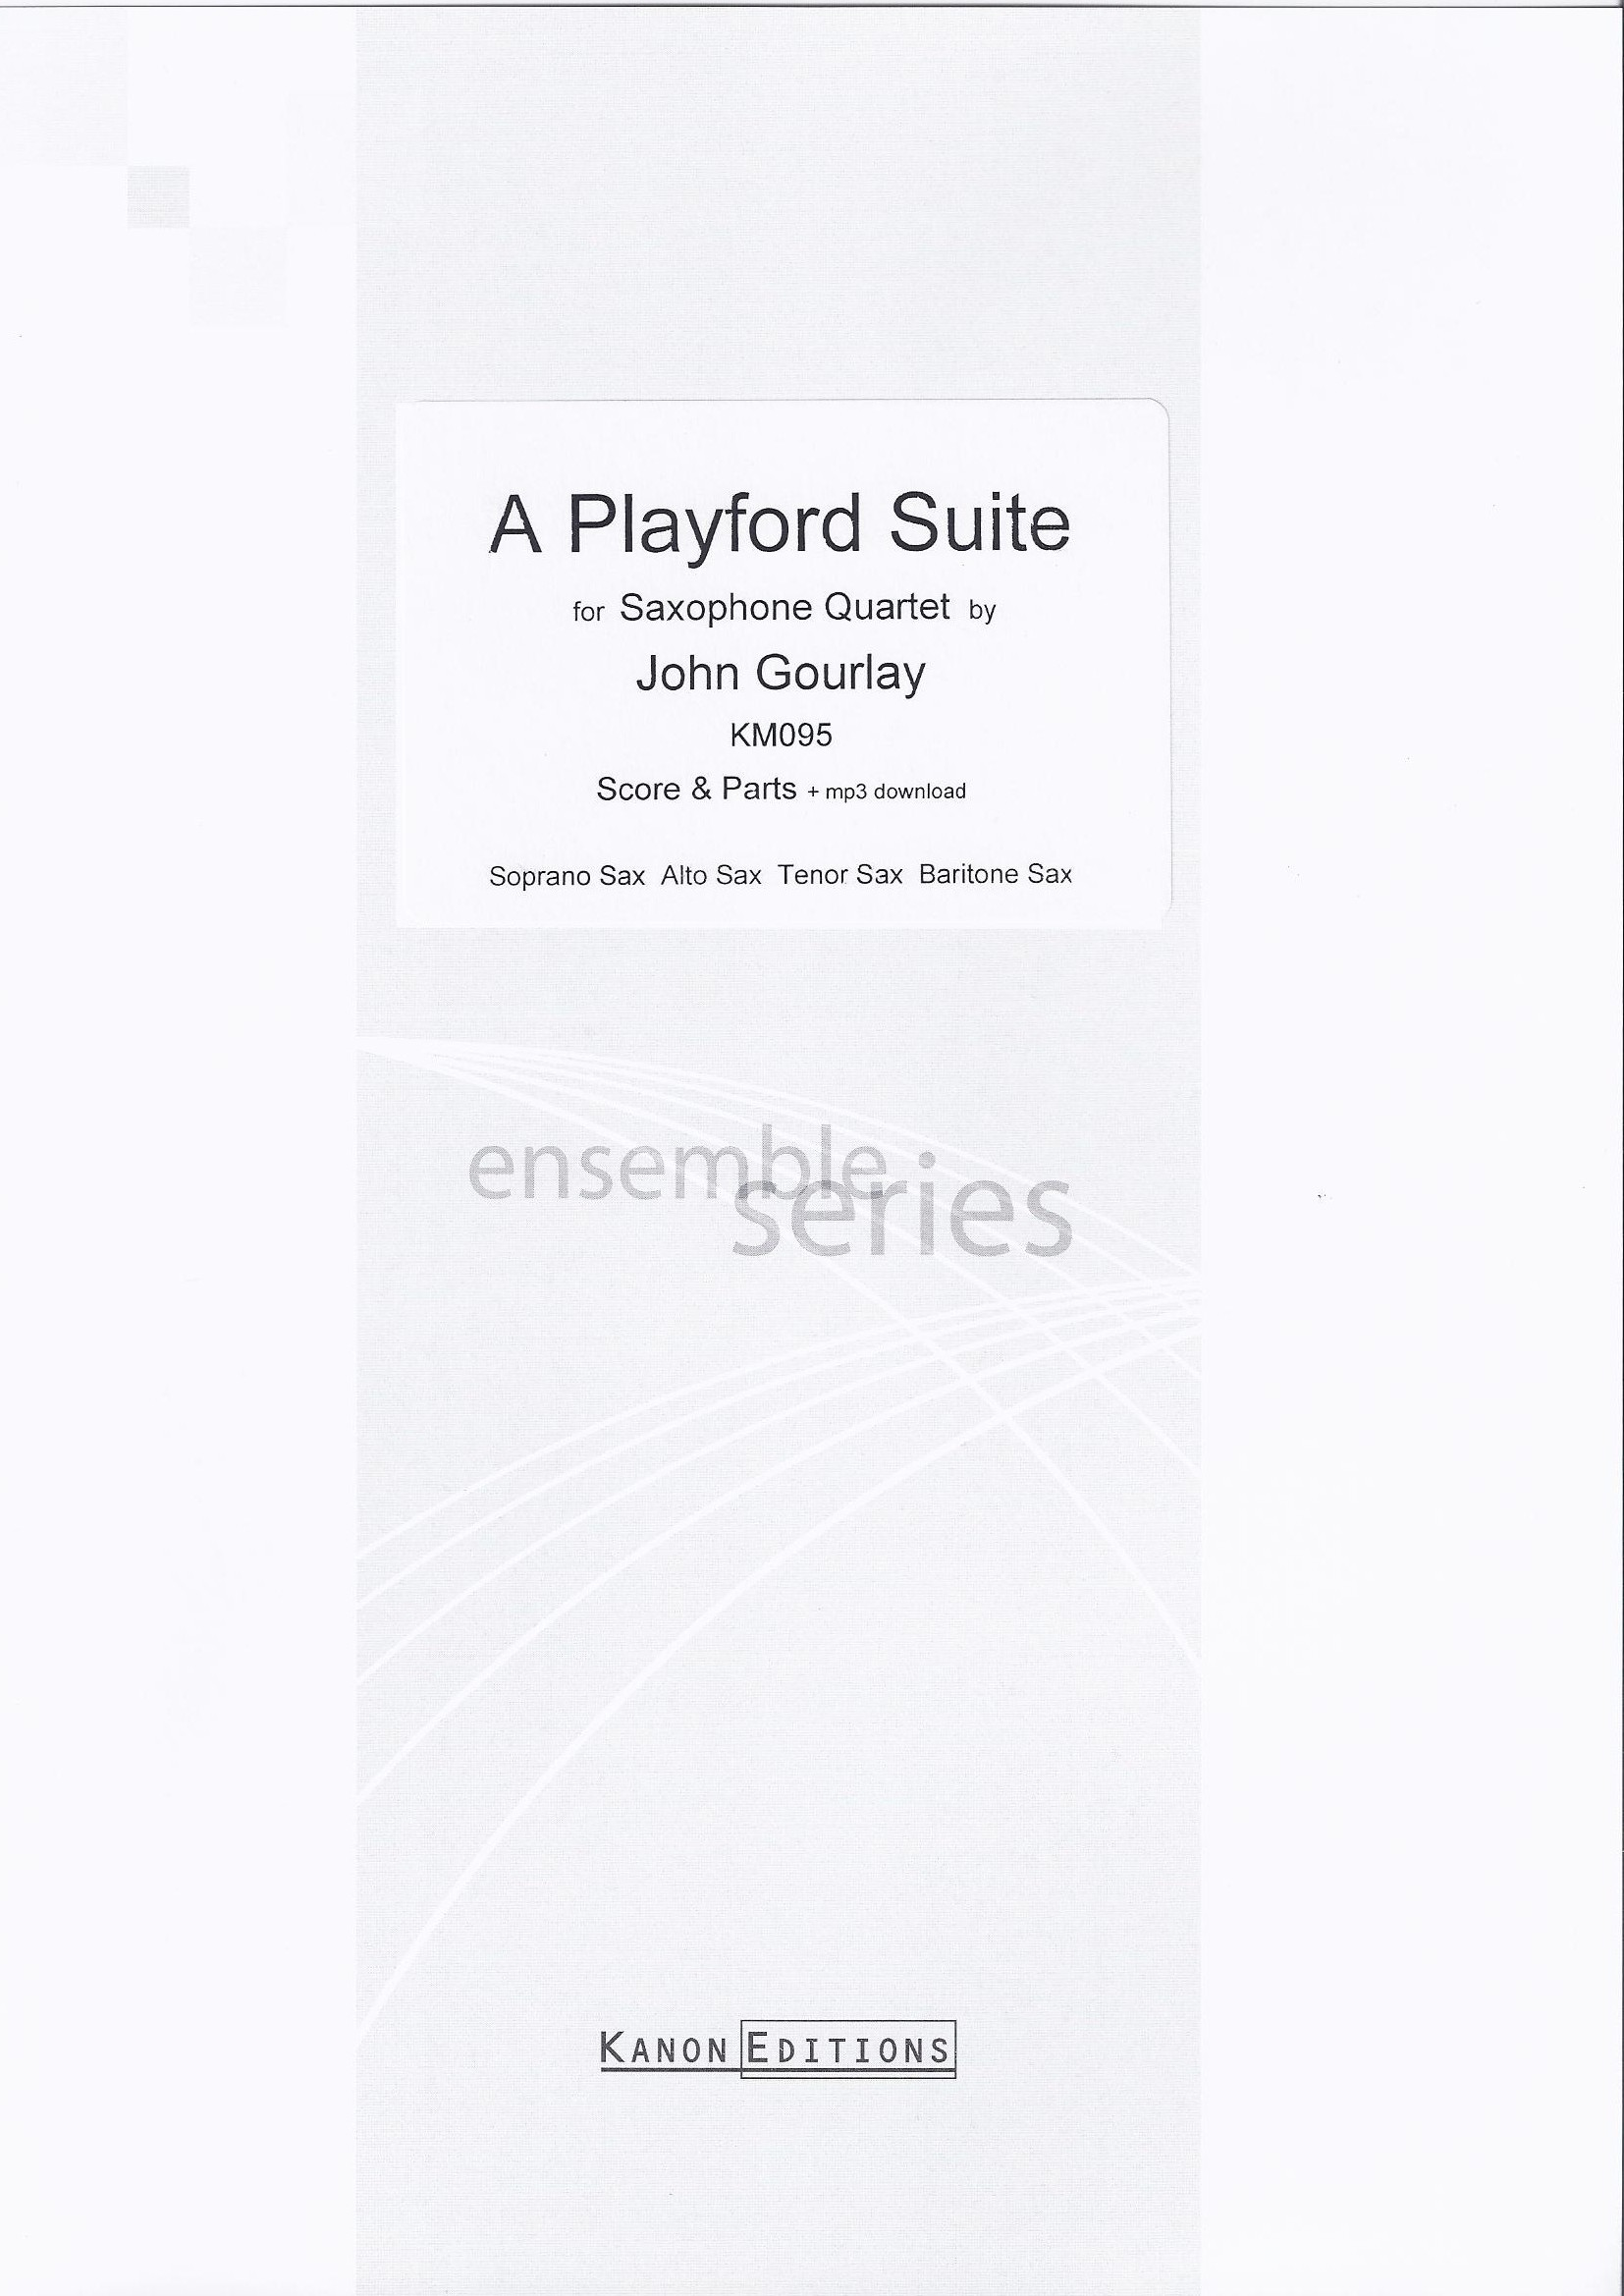 A PLAYFORD SUITE score & parts